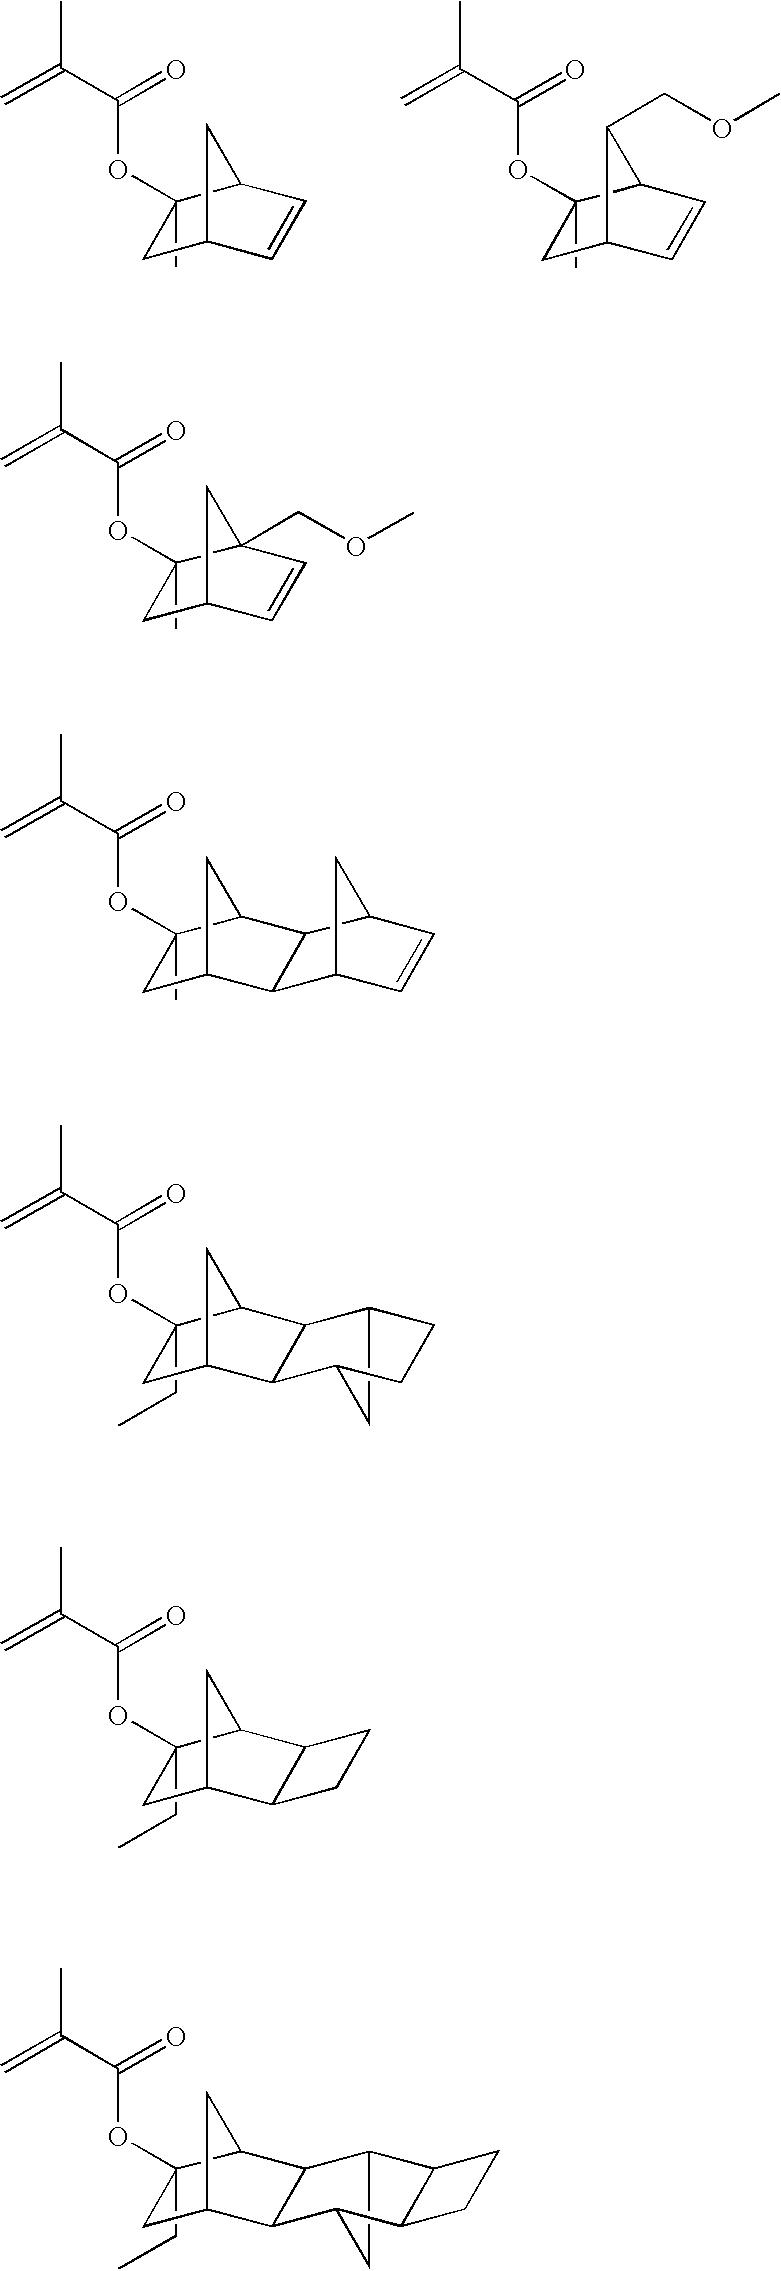 Figure US20080020289A1-20080124-C00026